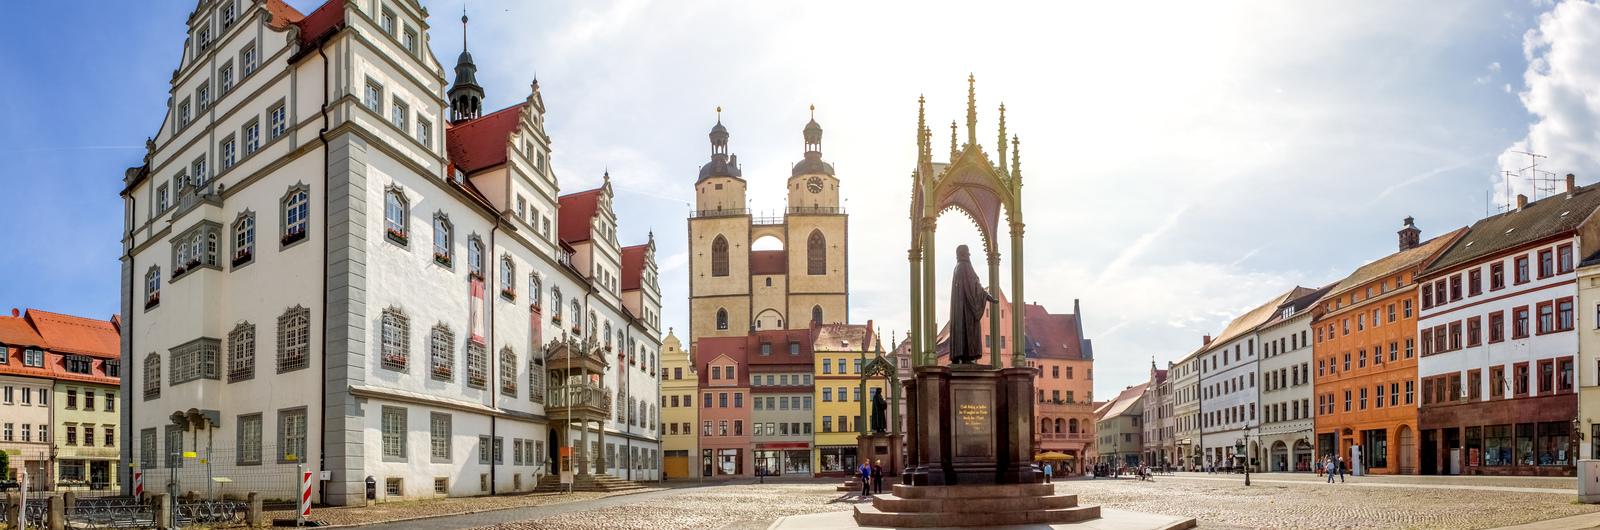 wittenberg city header1